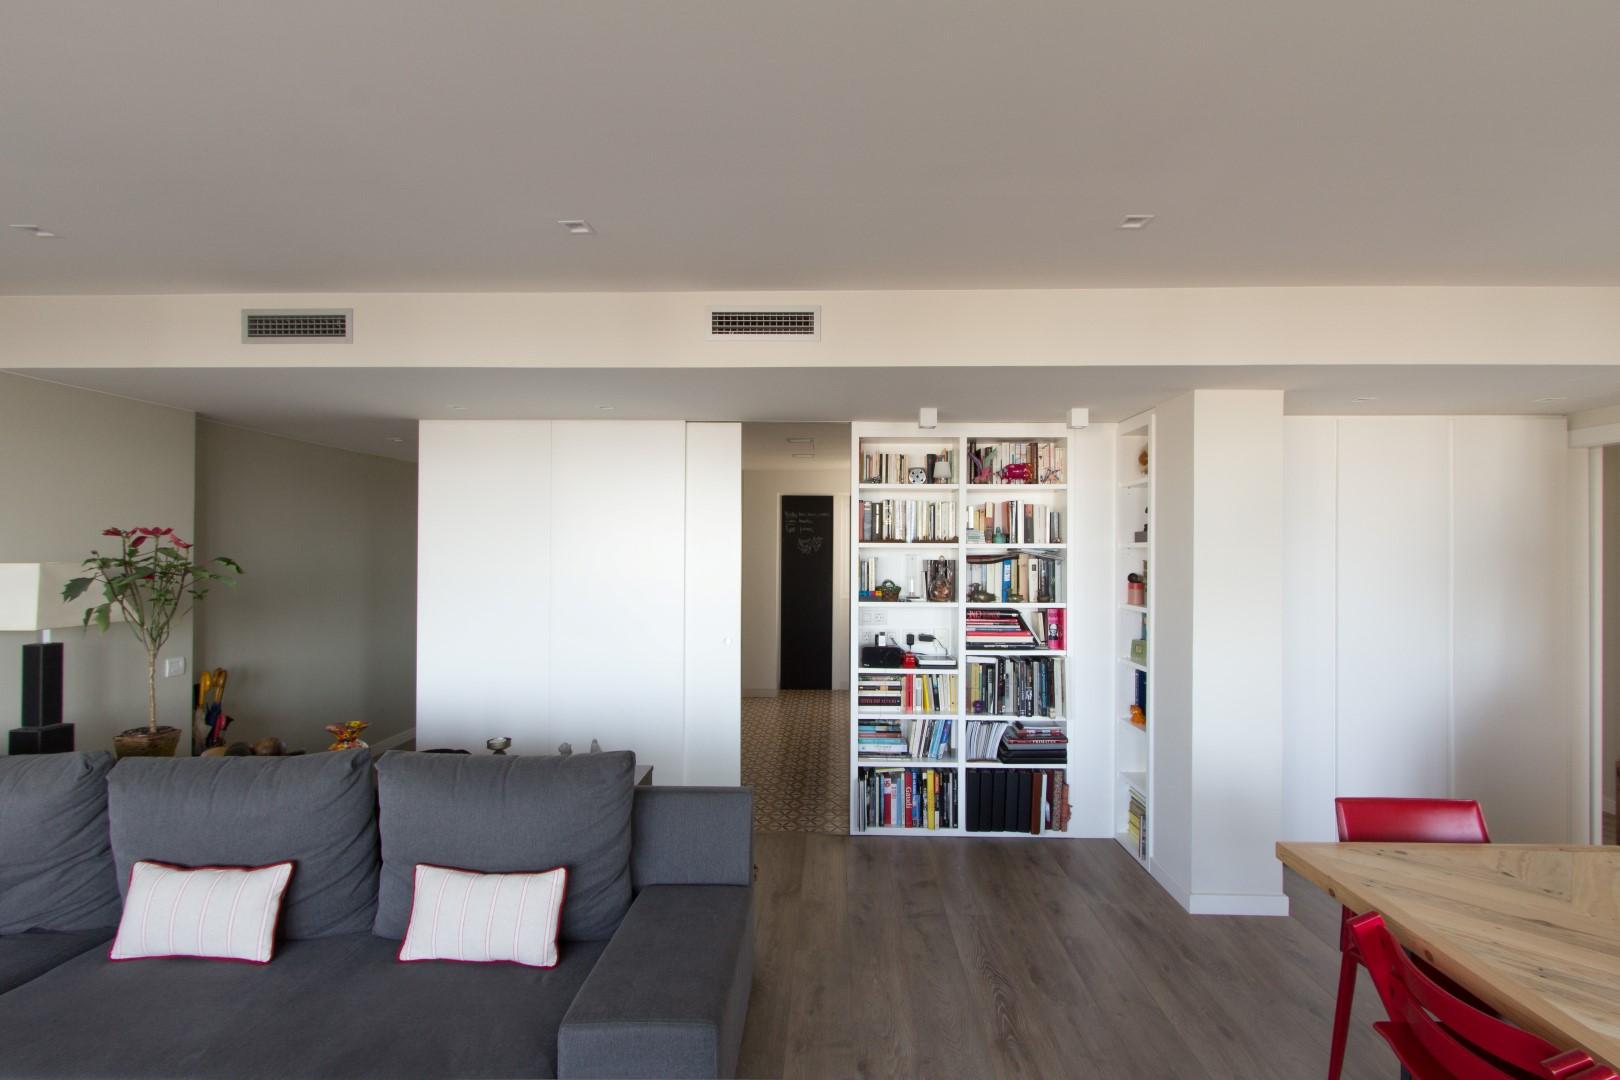 Vivienda en barcelona creaprojects for Programa interiorismo